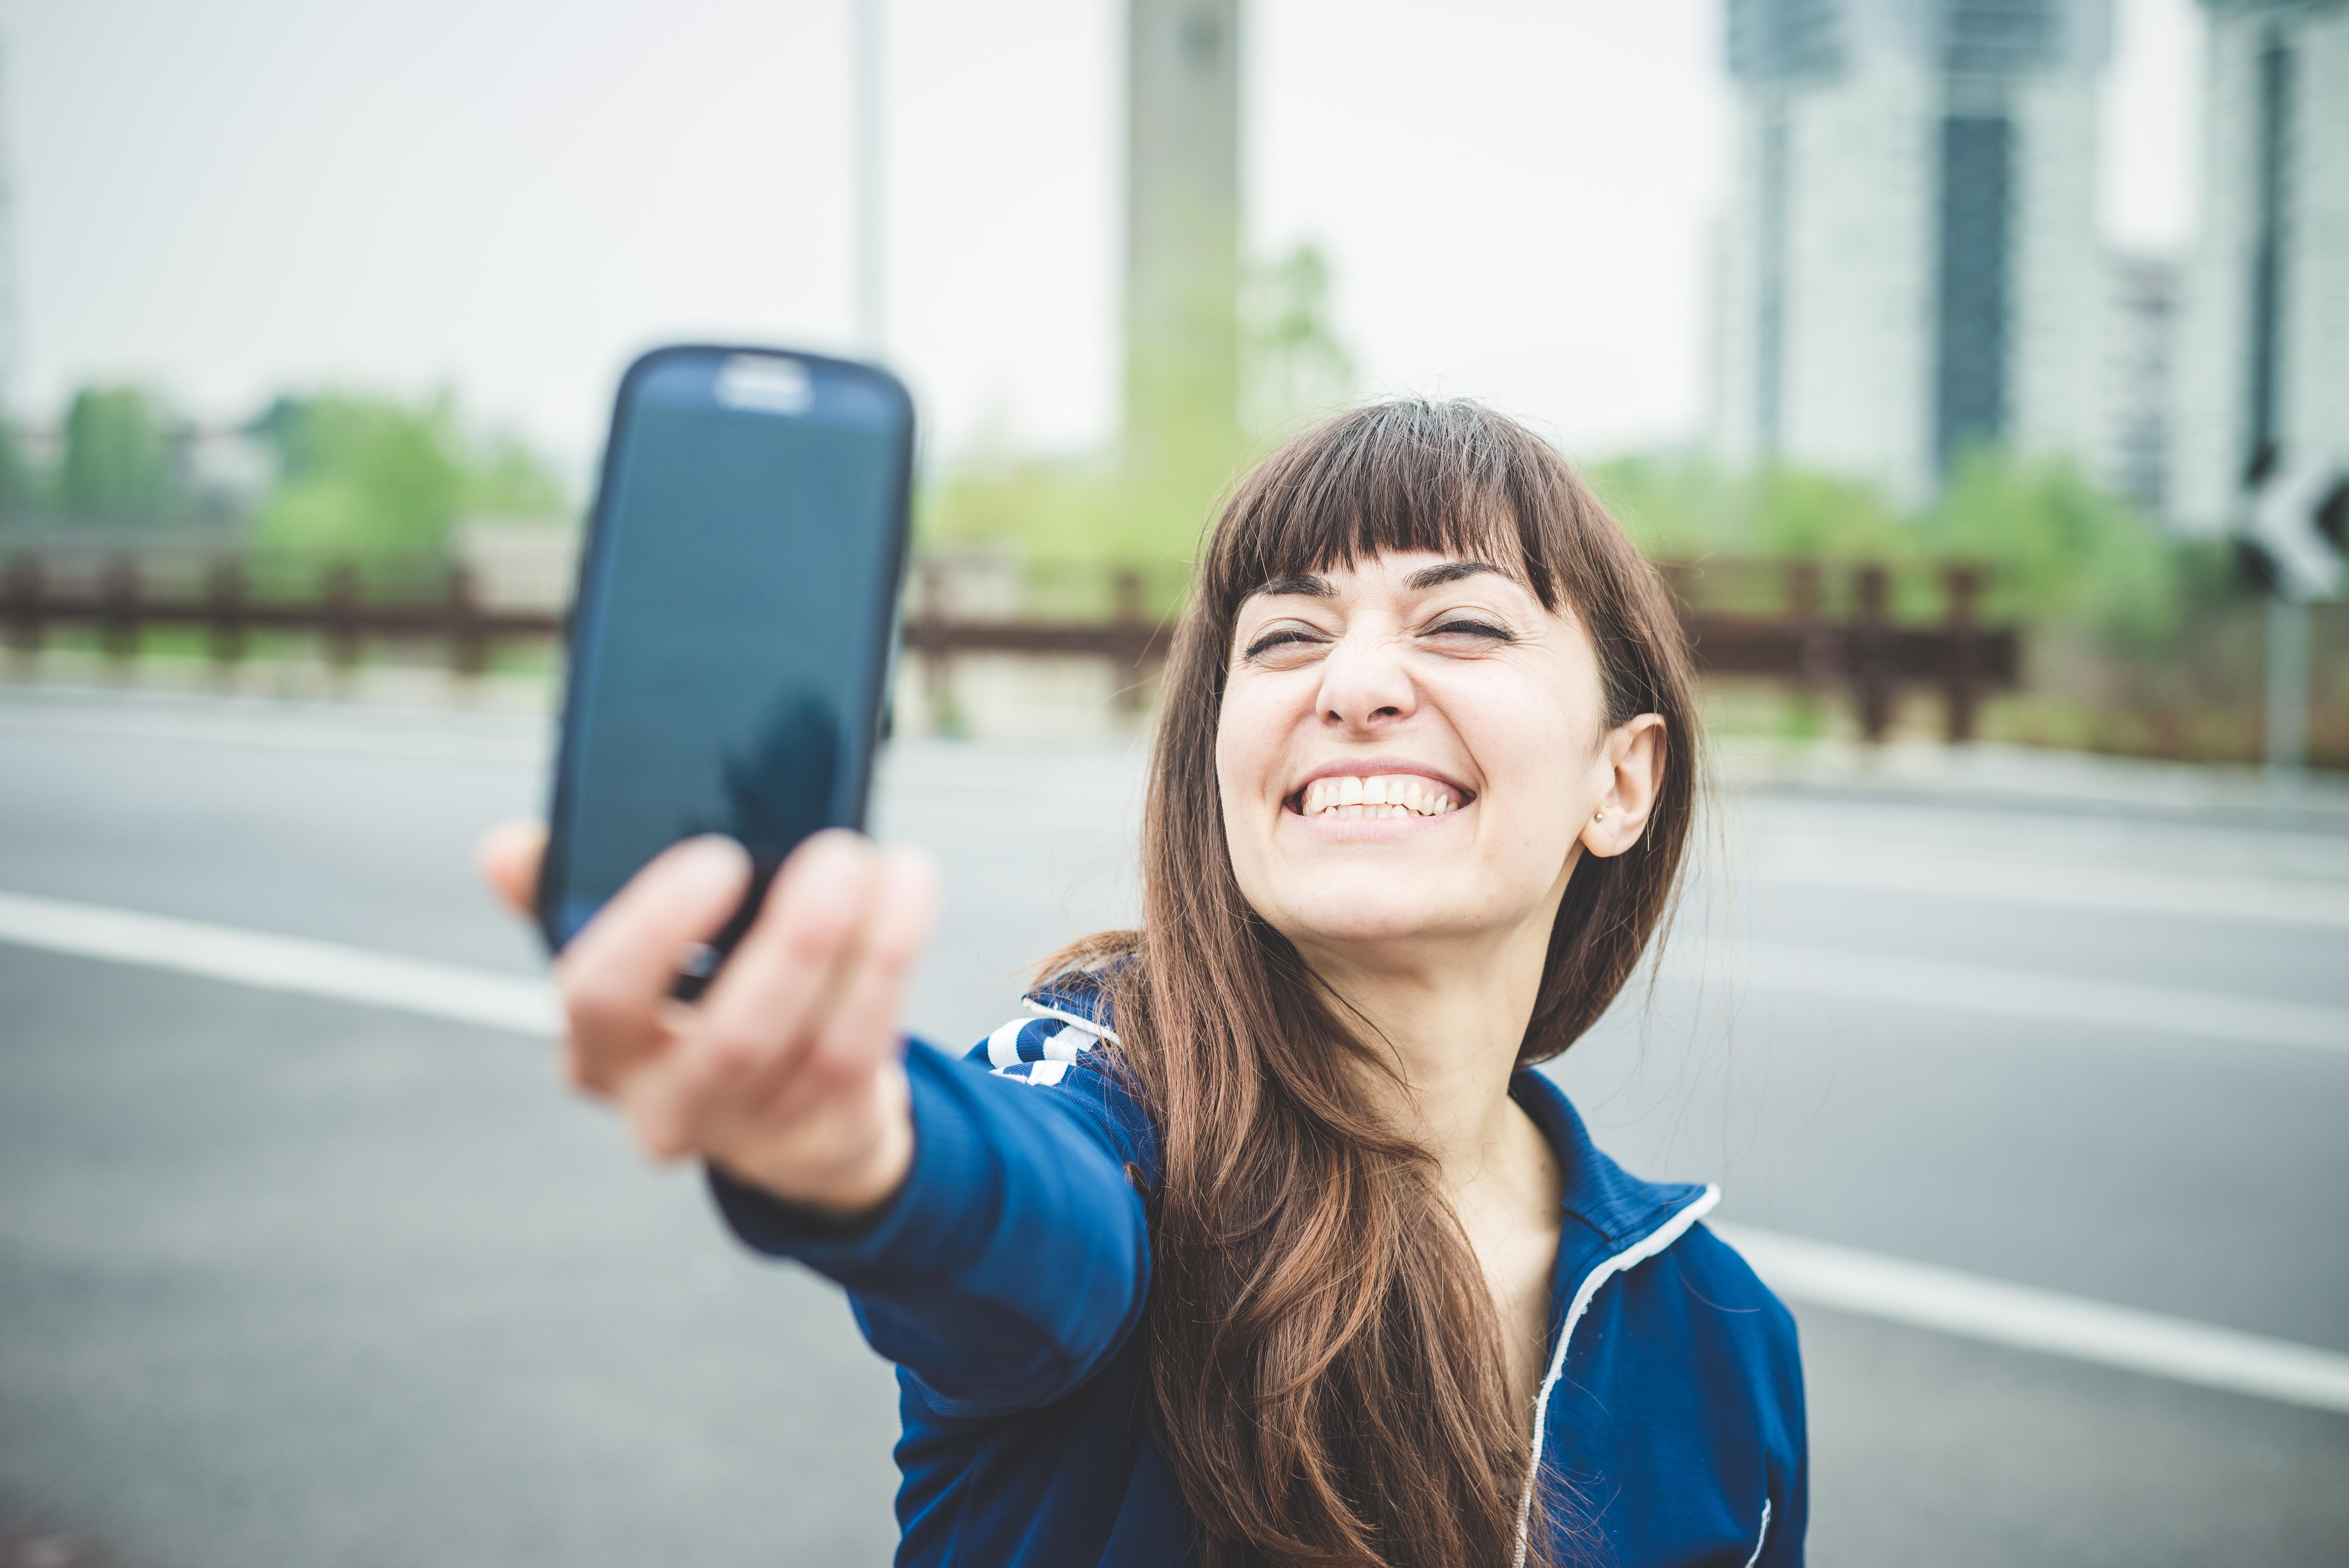 Det kan ha sina fördelar att ta selfies visar en ny studie.